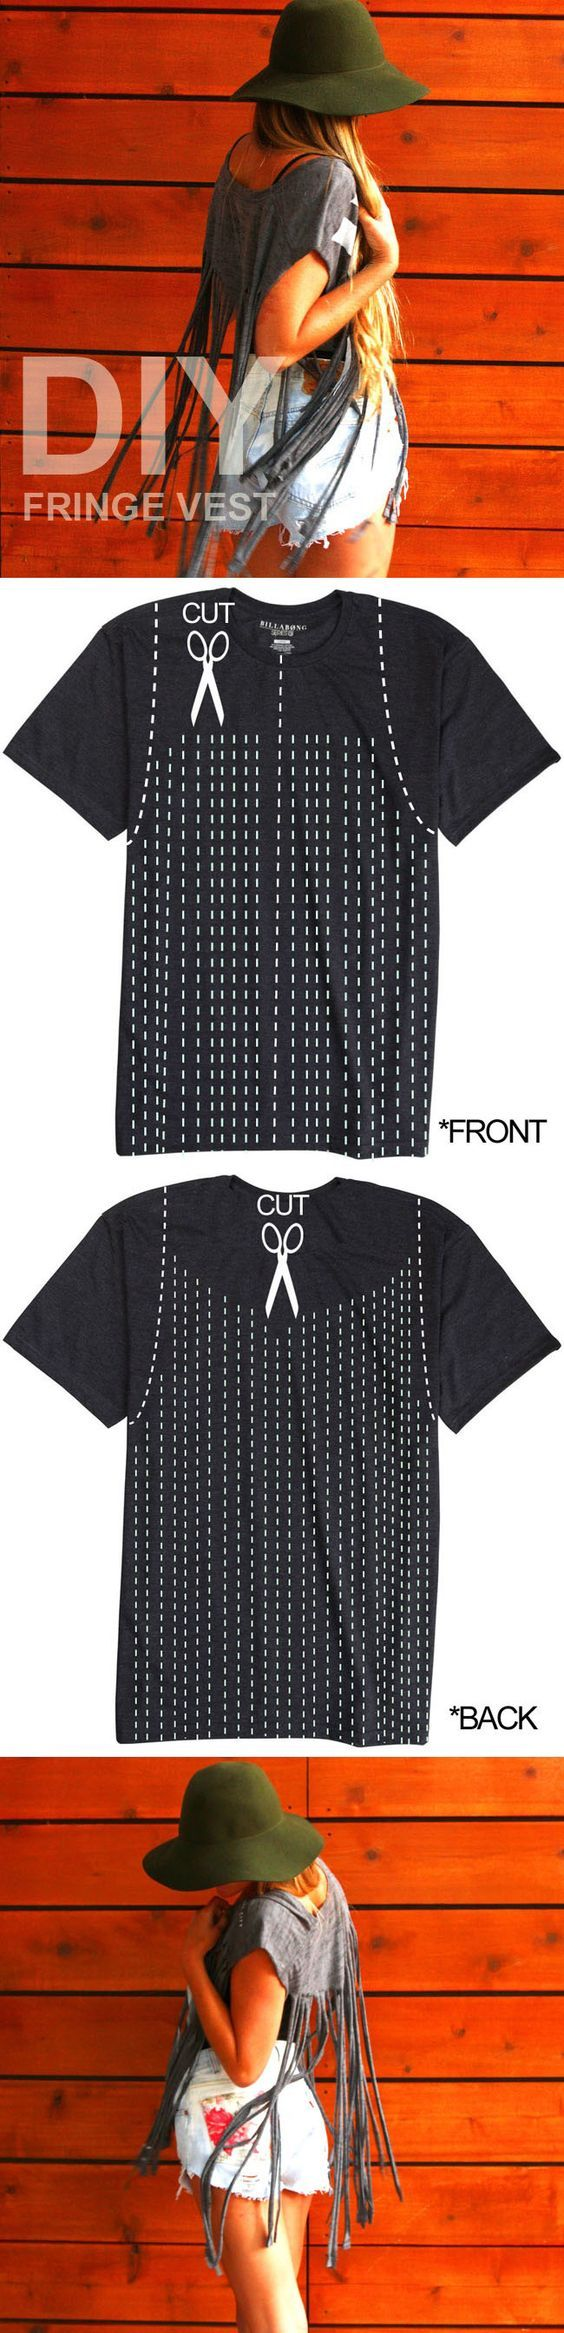 Design t shirt esthetician - Best 20 Diy T Shirt Veste Ideas On Pinterest Diy Couper Un T Shirt Diy T Shirt Id Es De D Coupe And Craft T Shirt